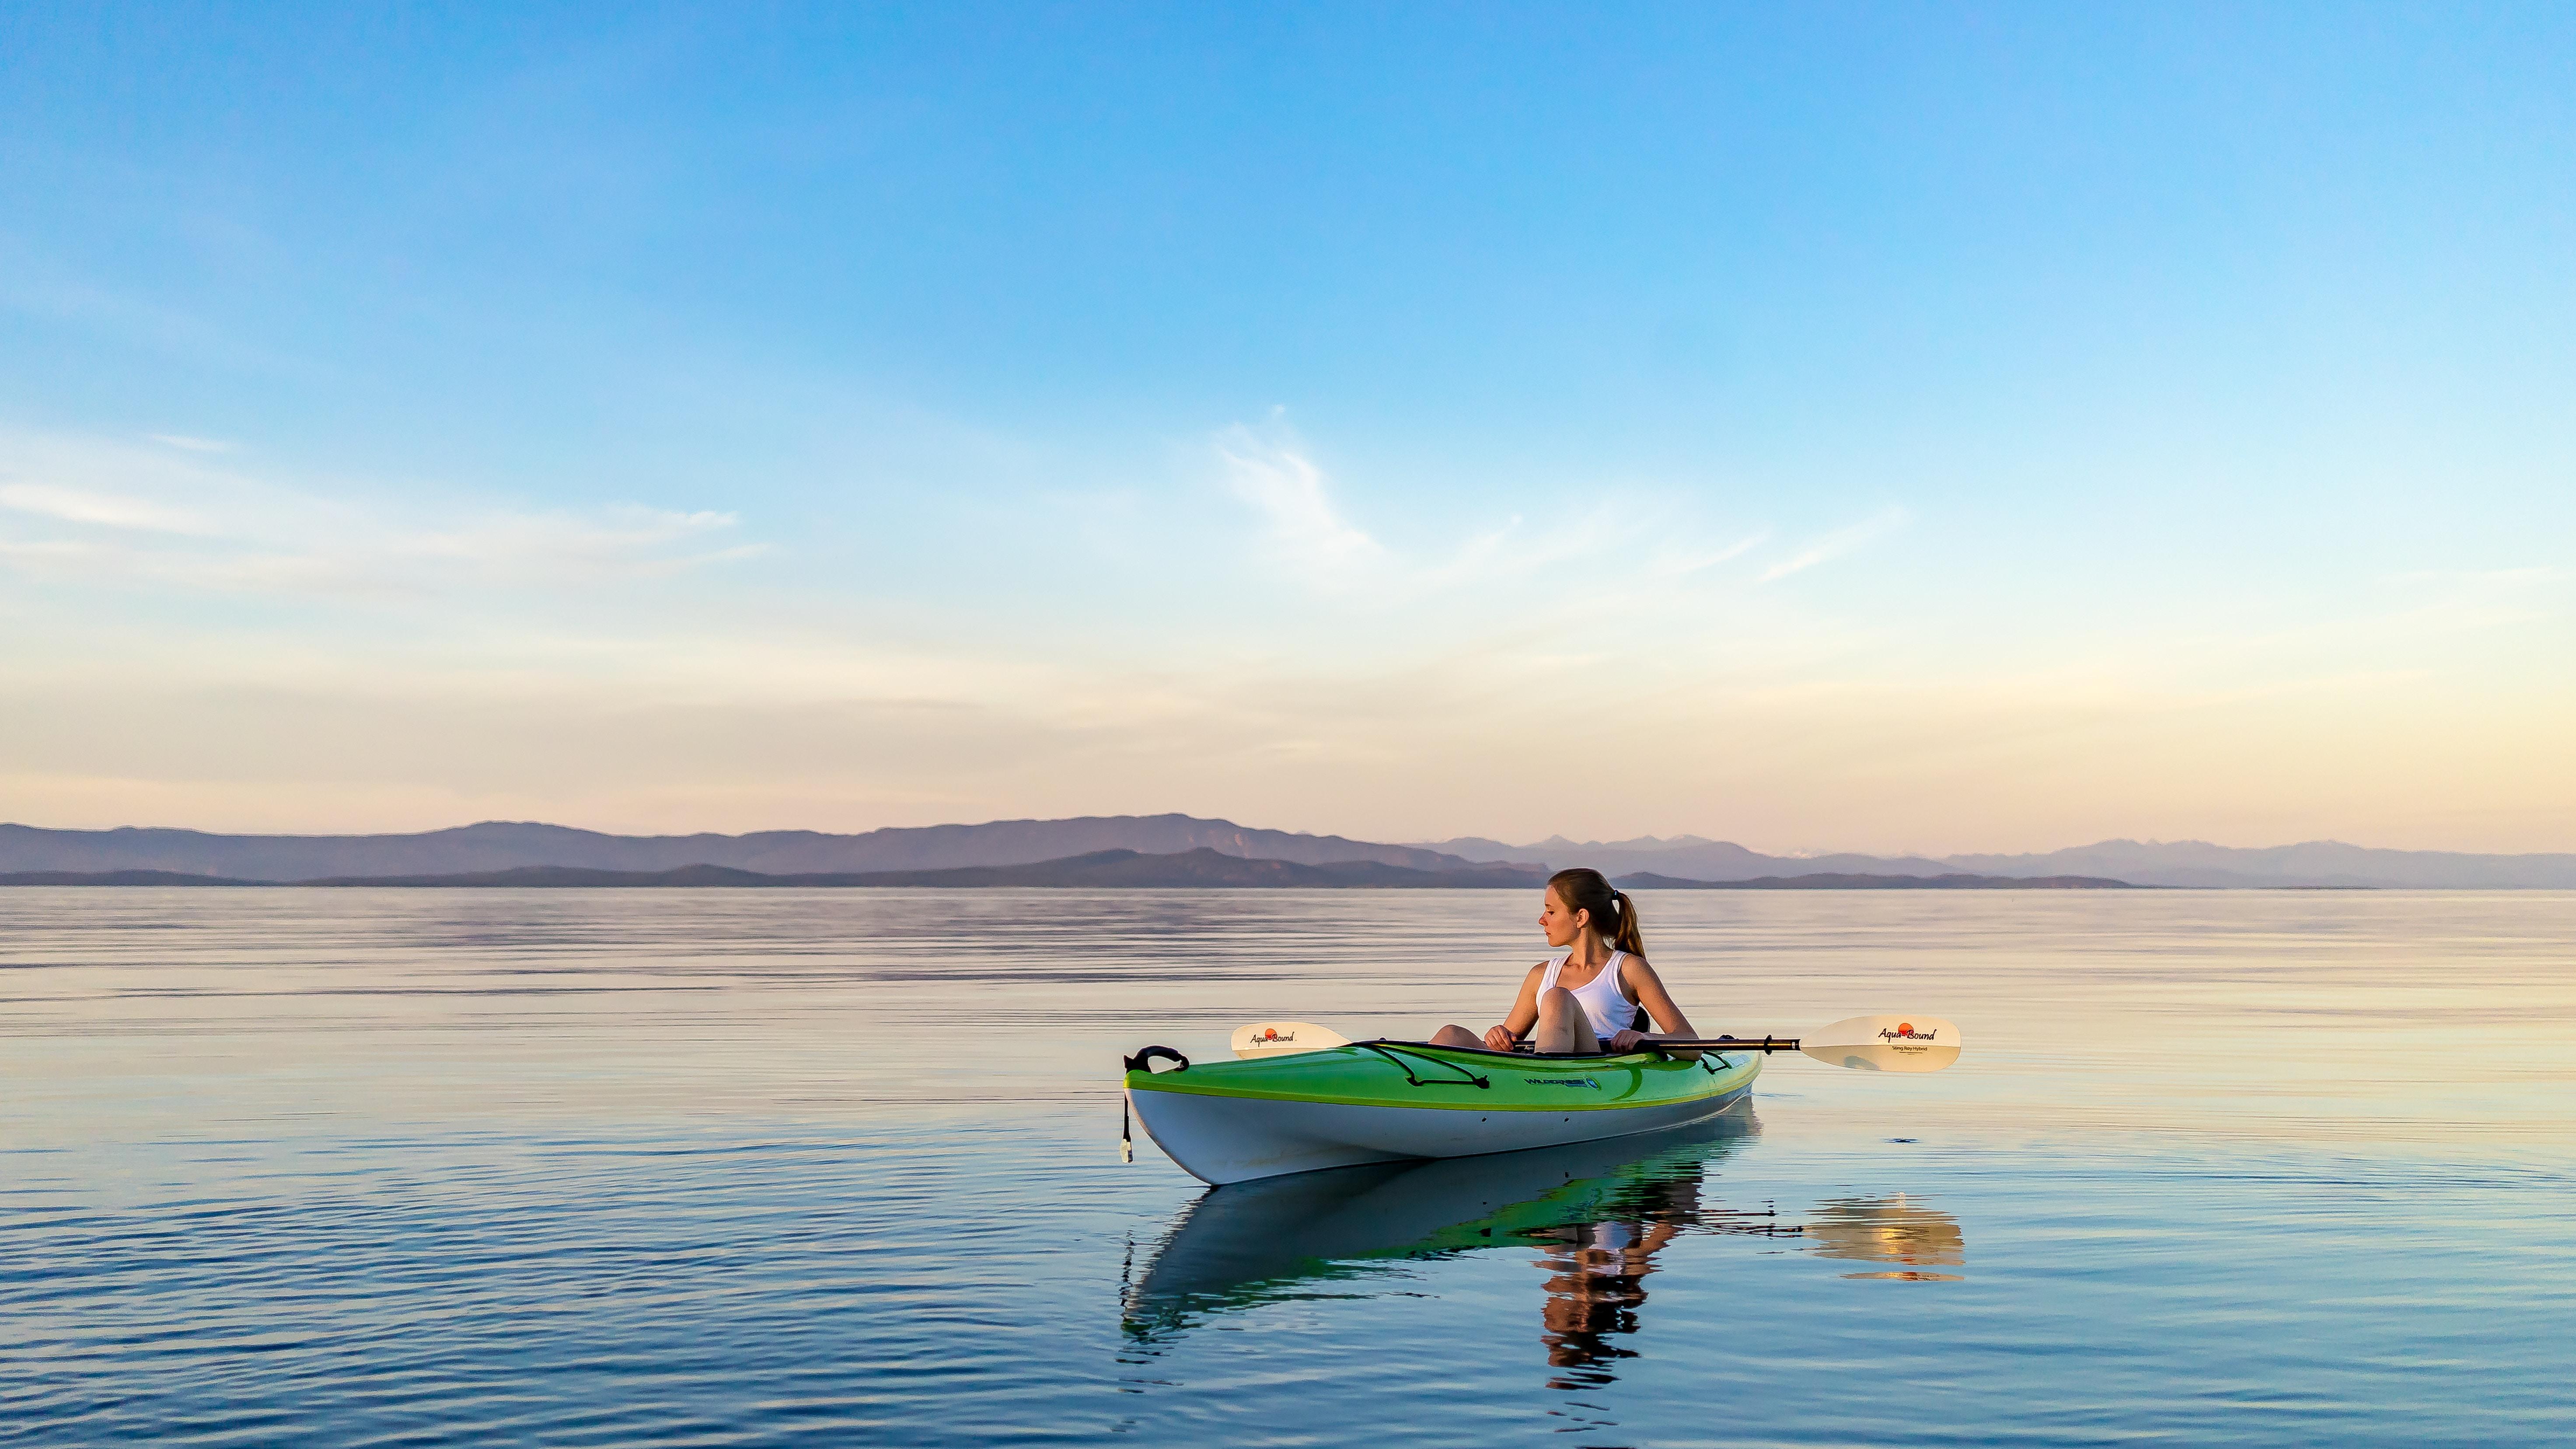 summer stock photos lake kayak